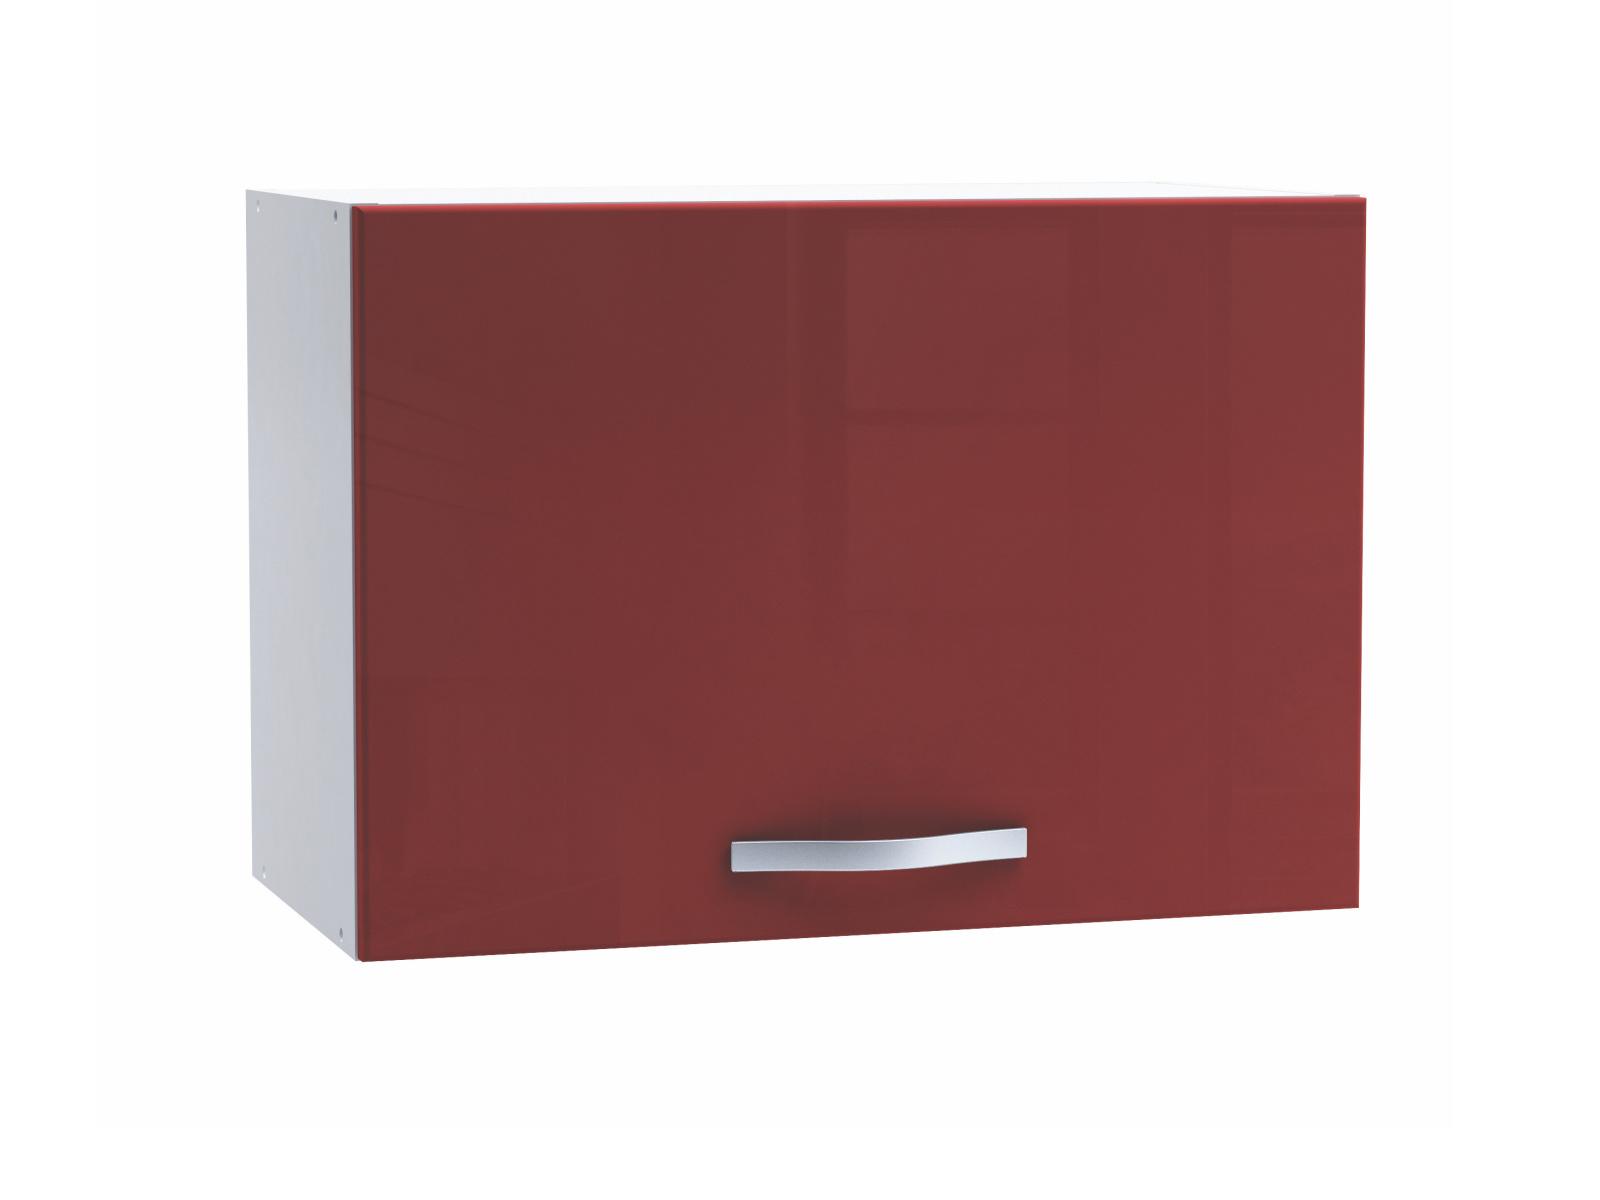 DEMEYERE CHERY, skříňka výklopná 60 cm, bílá/červený lesk